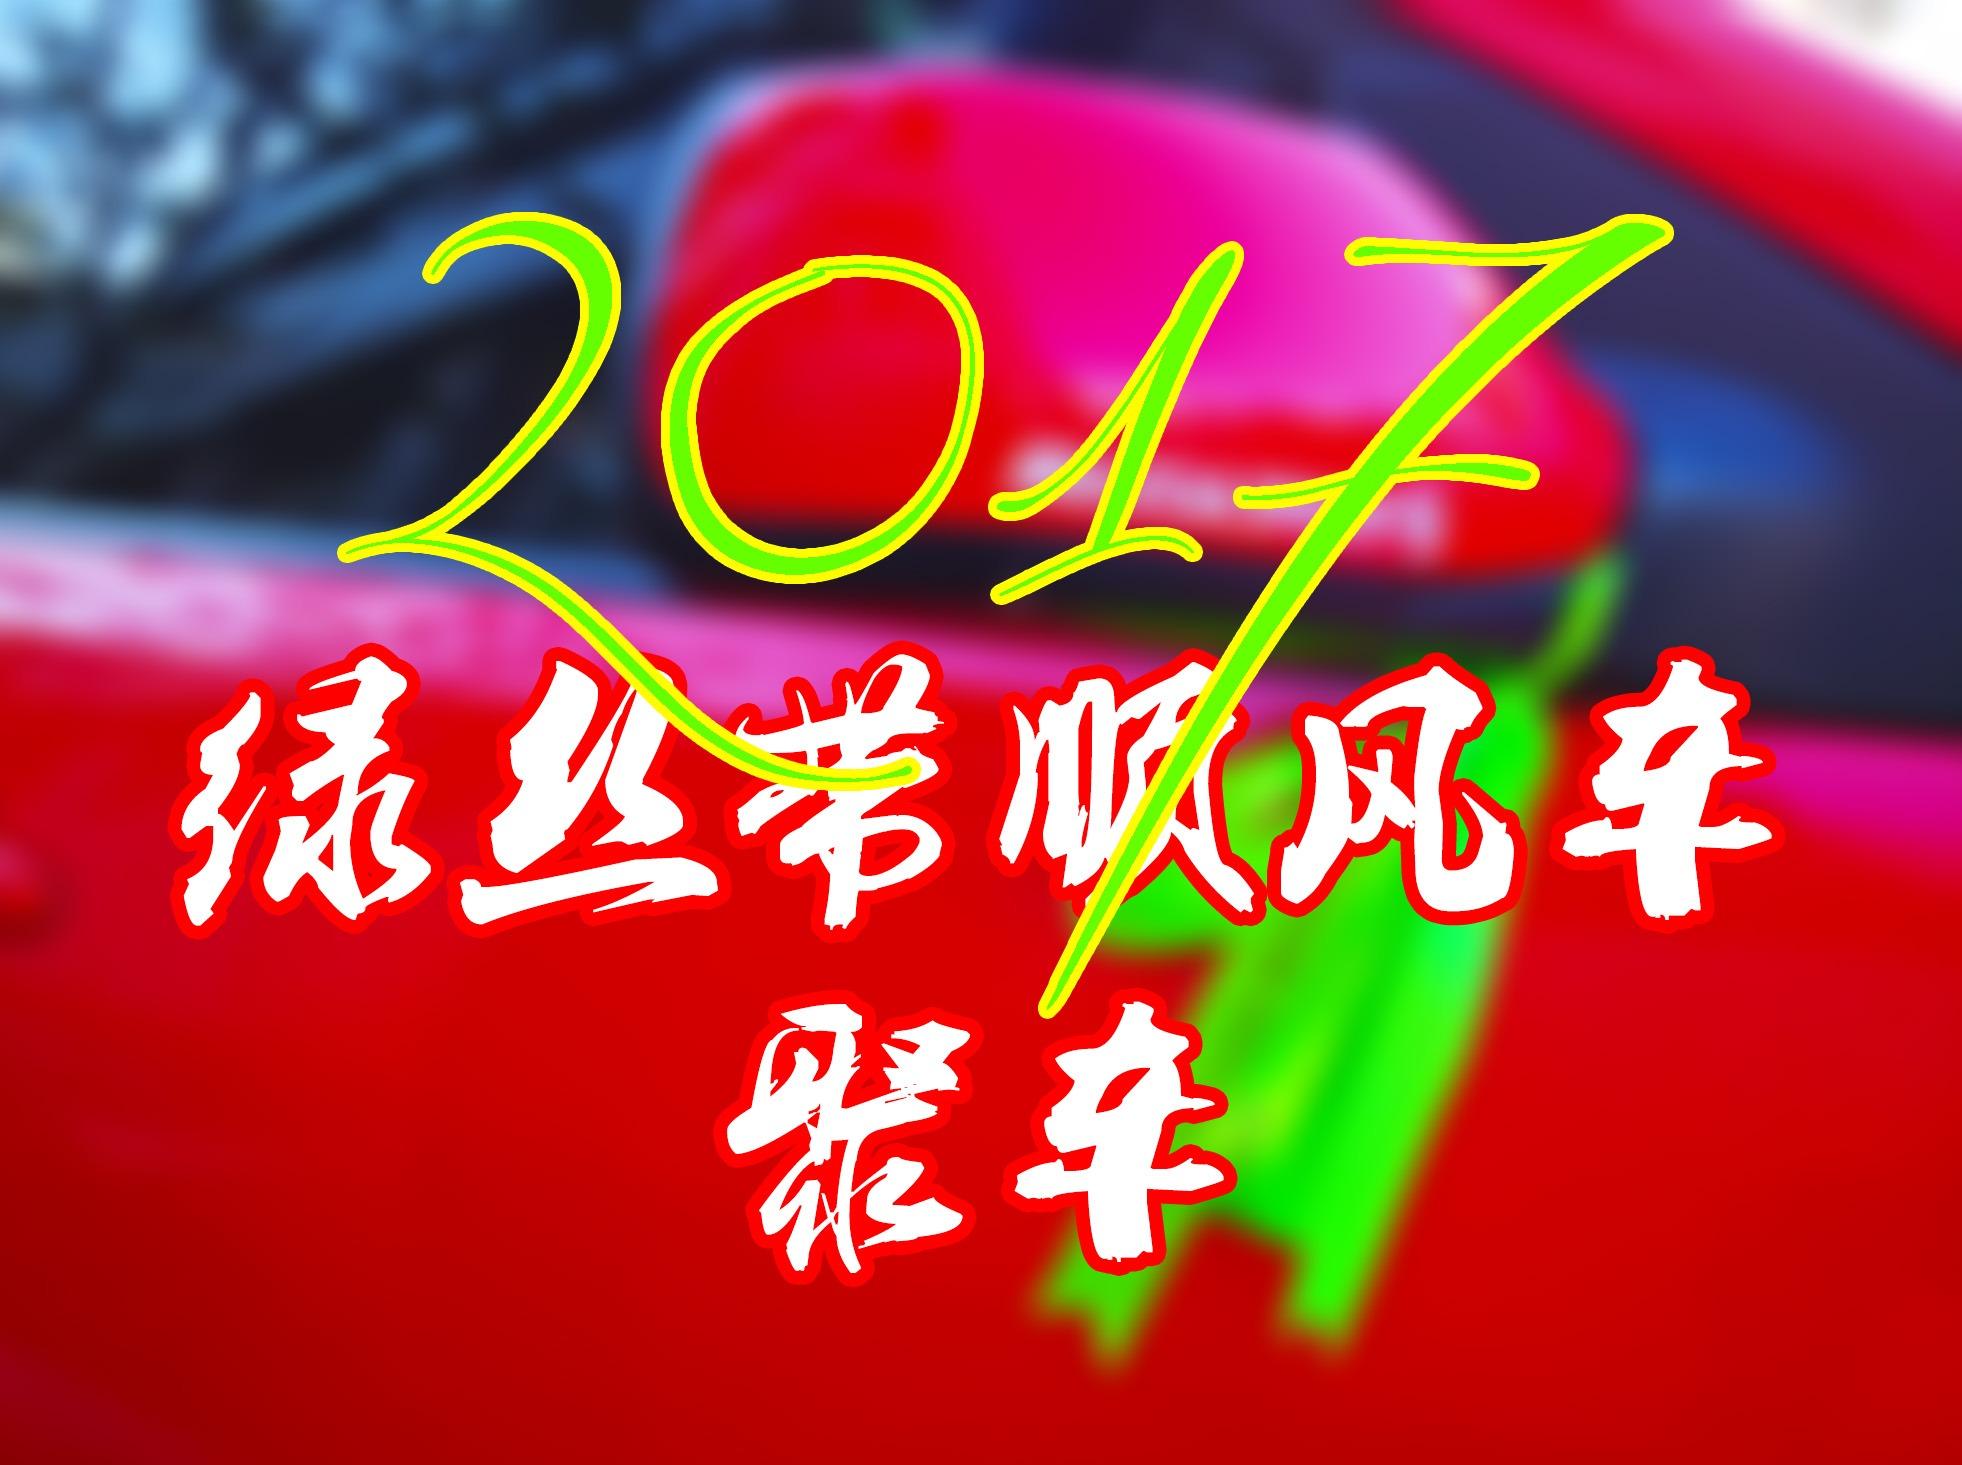 【伊犁马帮】2017年度绿丝带顺风车聚车